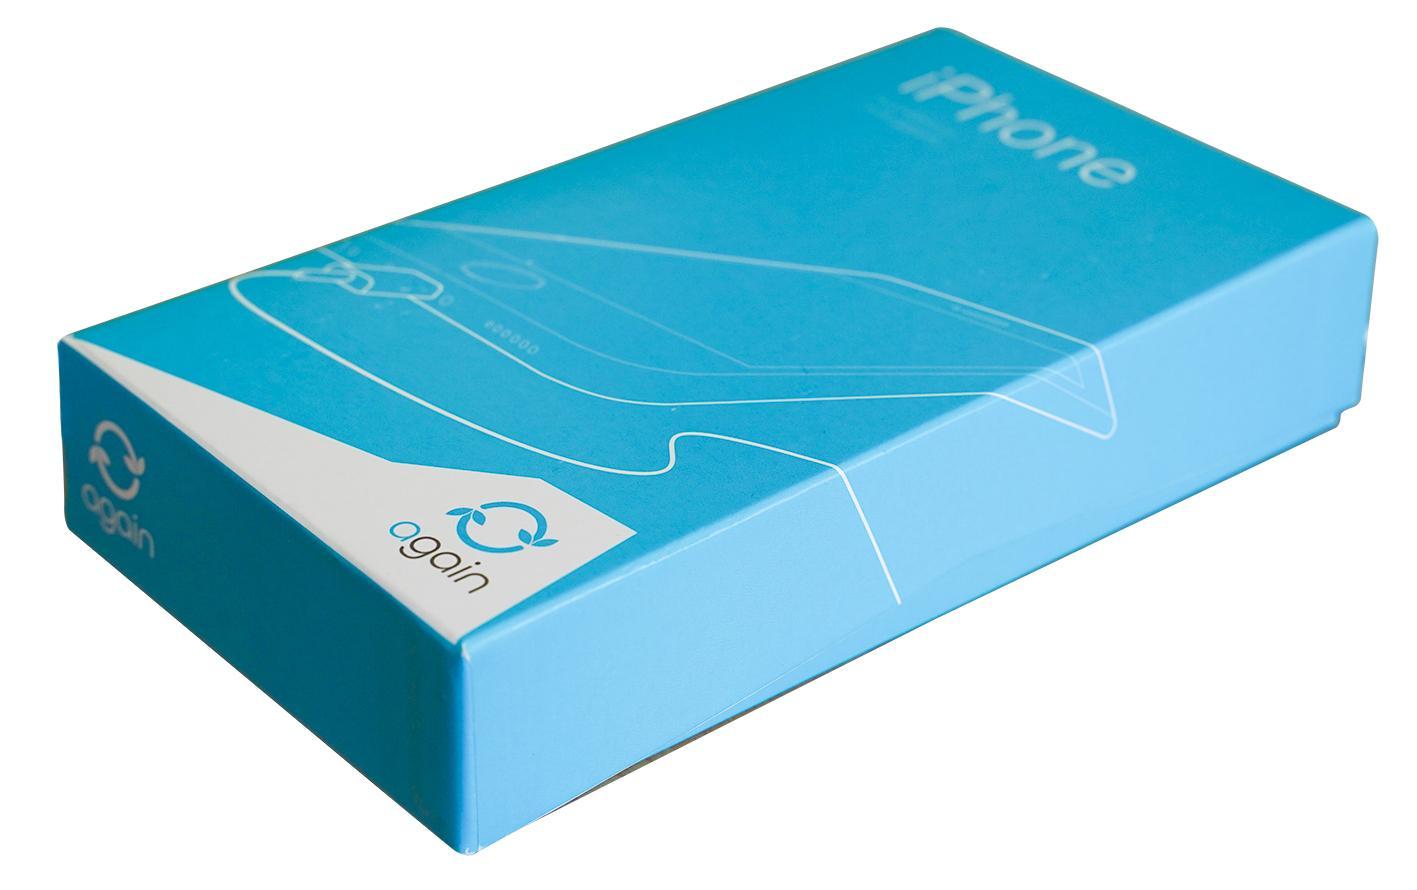 APPLE IPHONE 8 64GB GRAY RICONDIZIONATO GRADO A+